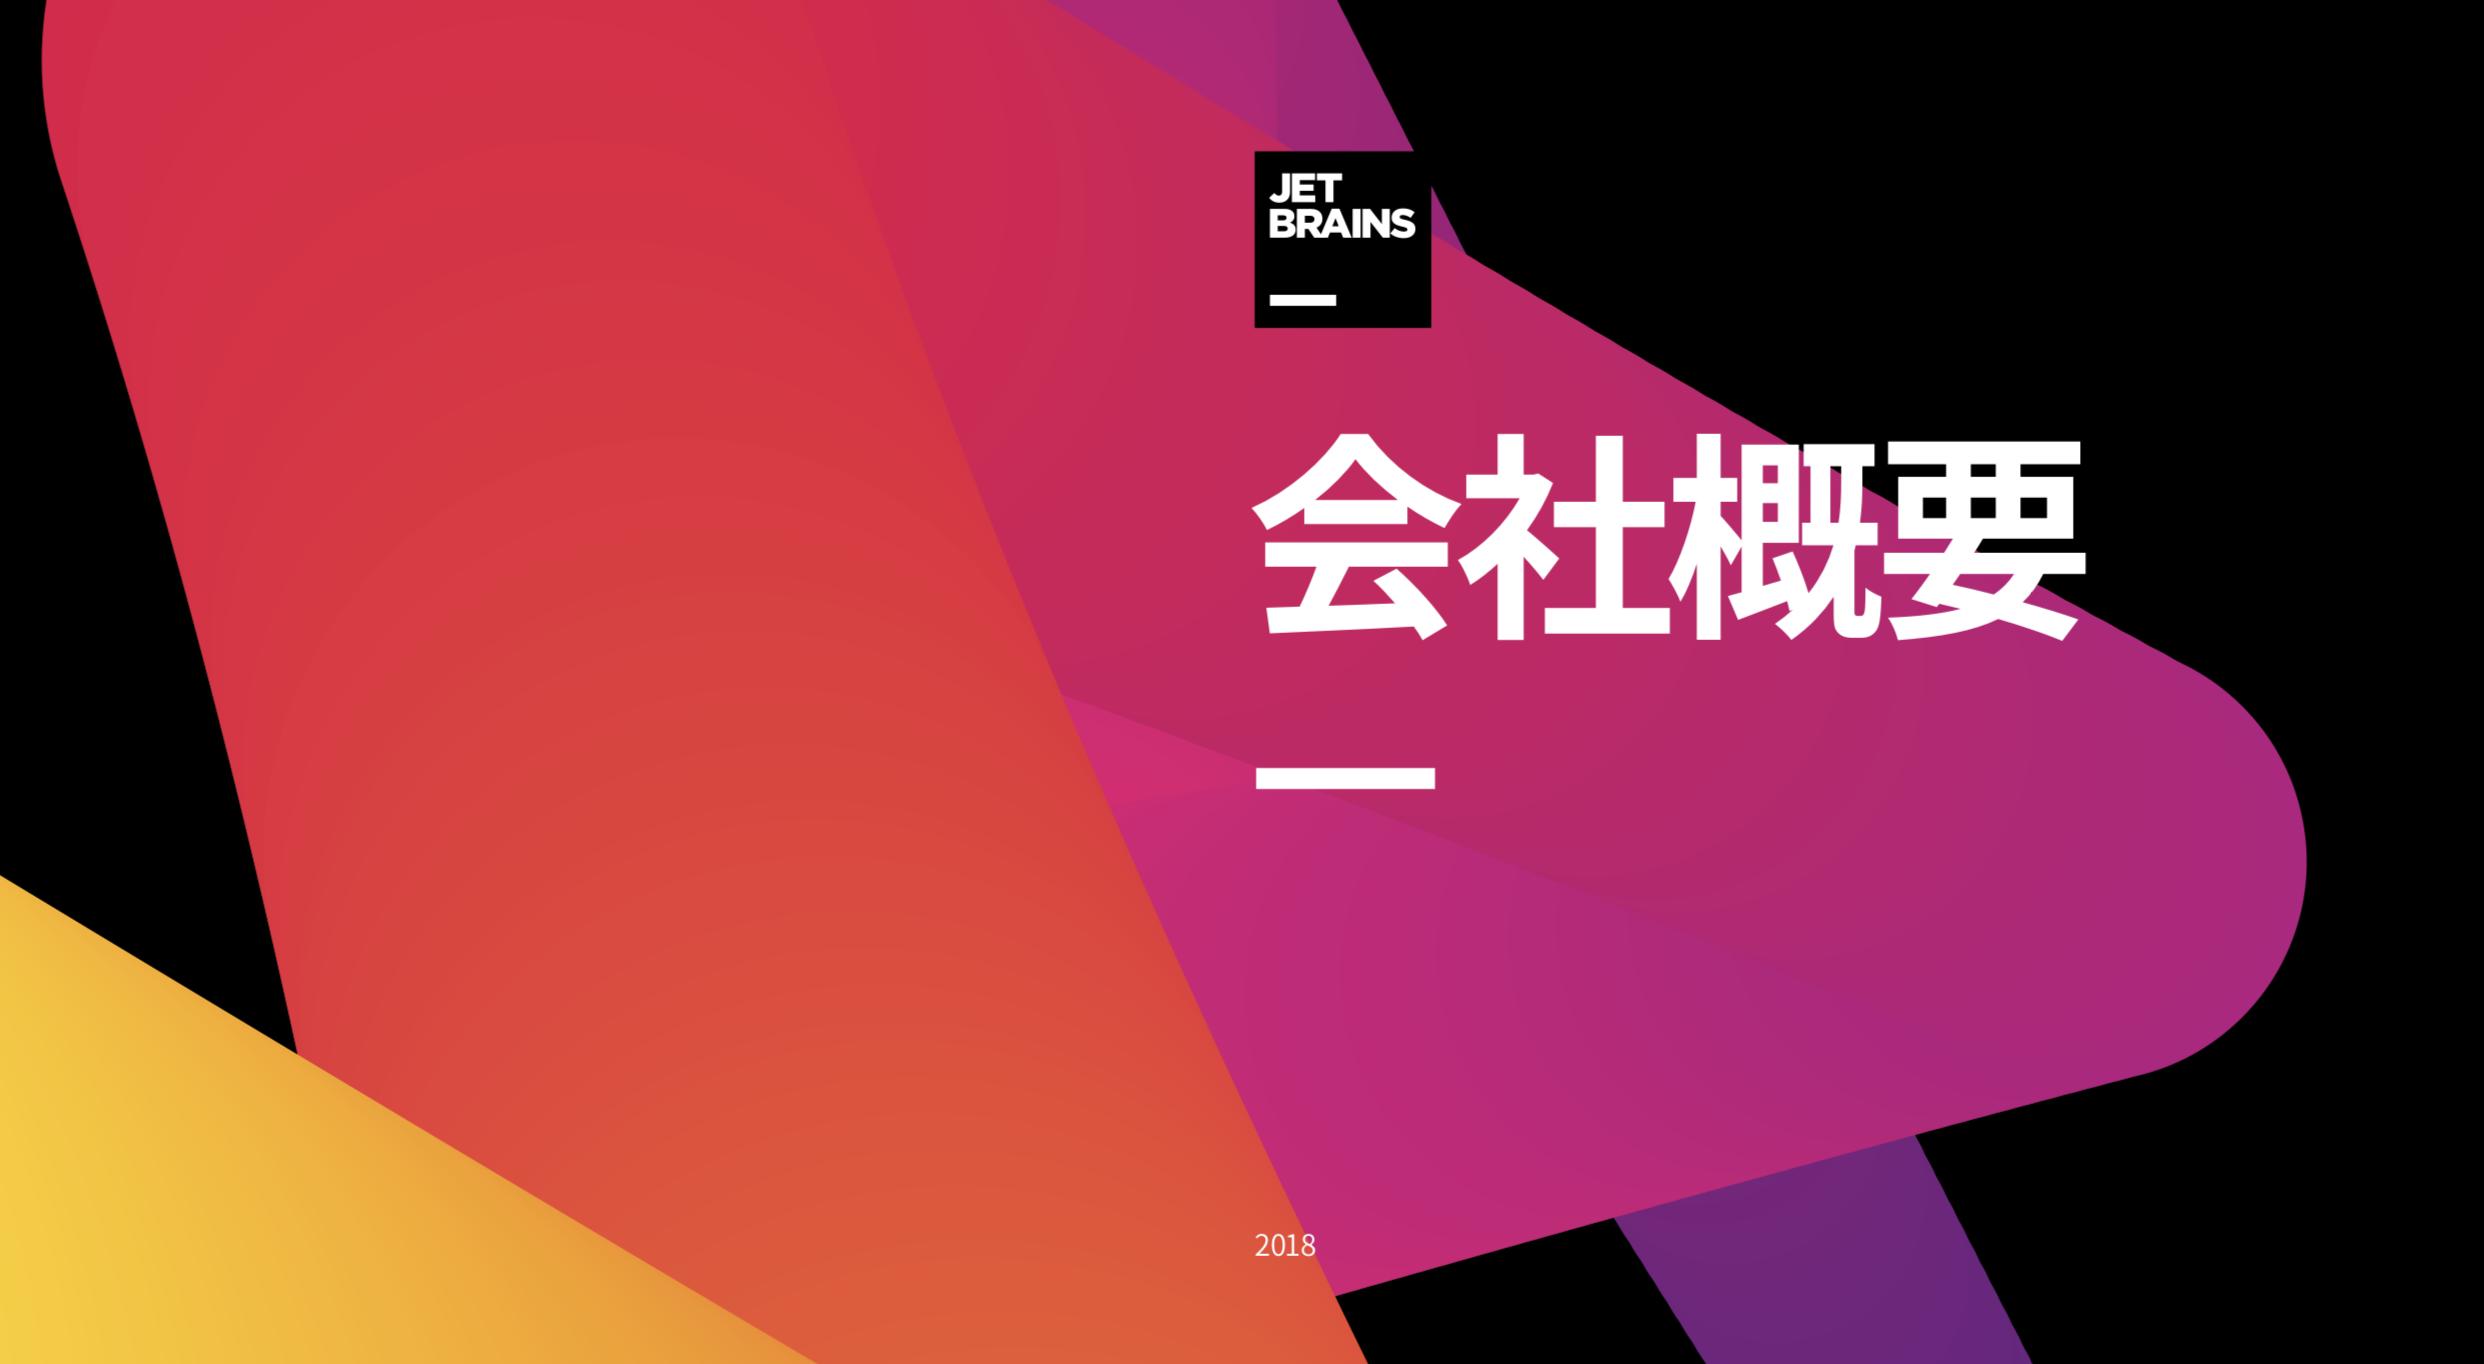 スクリーンショット 2019-03-08 16.10.54